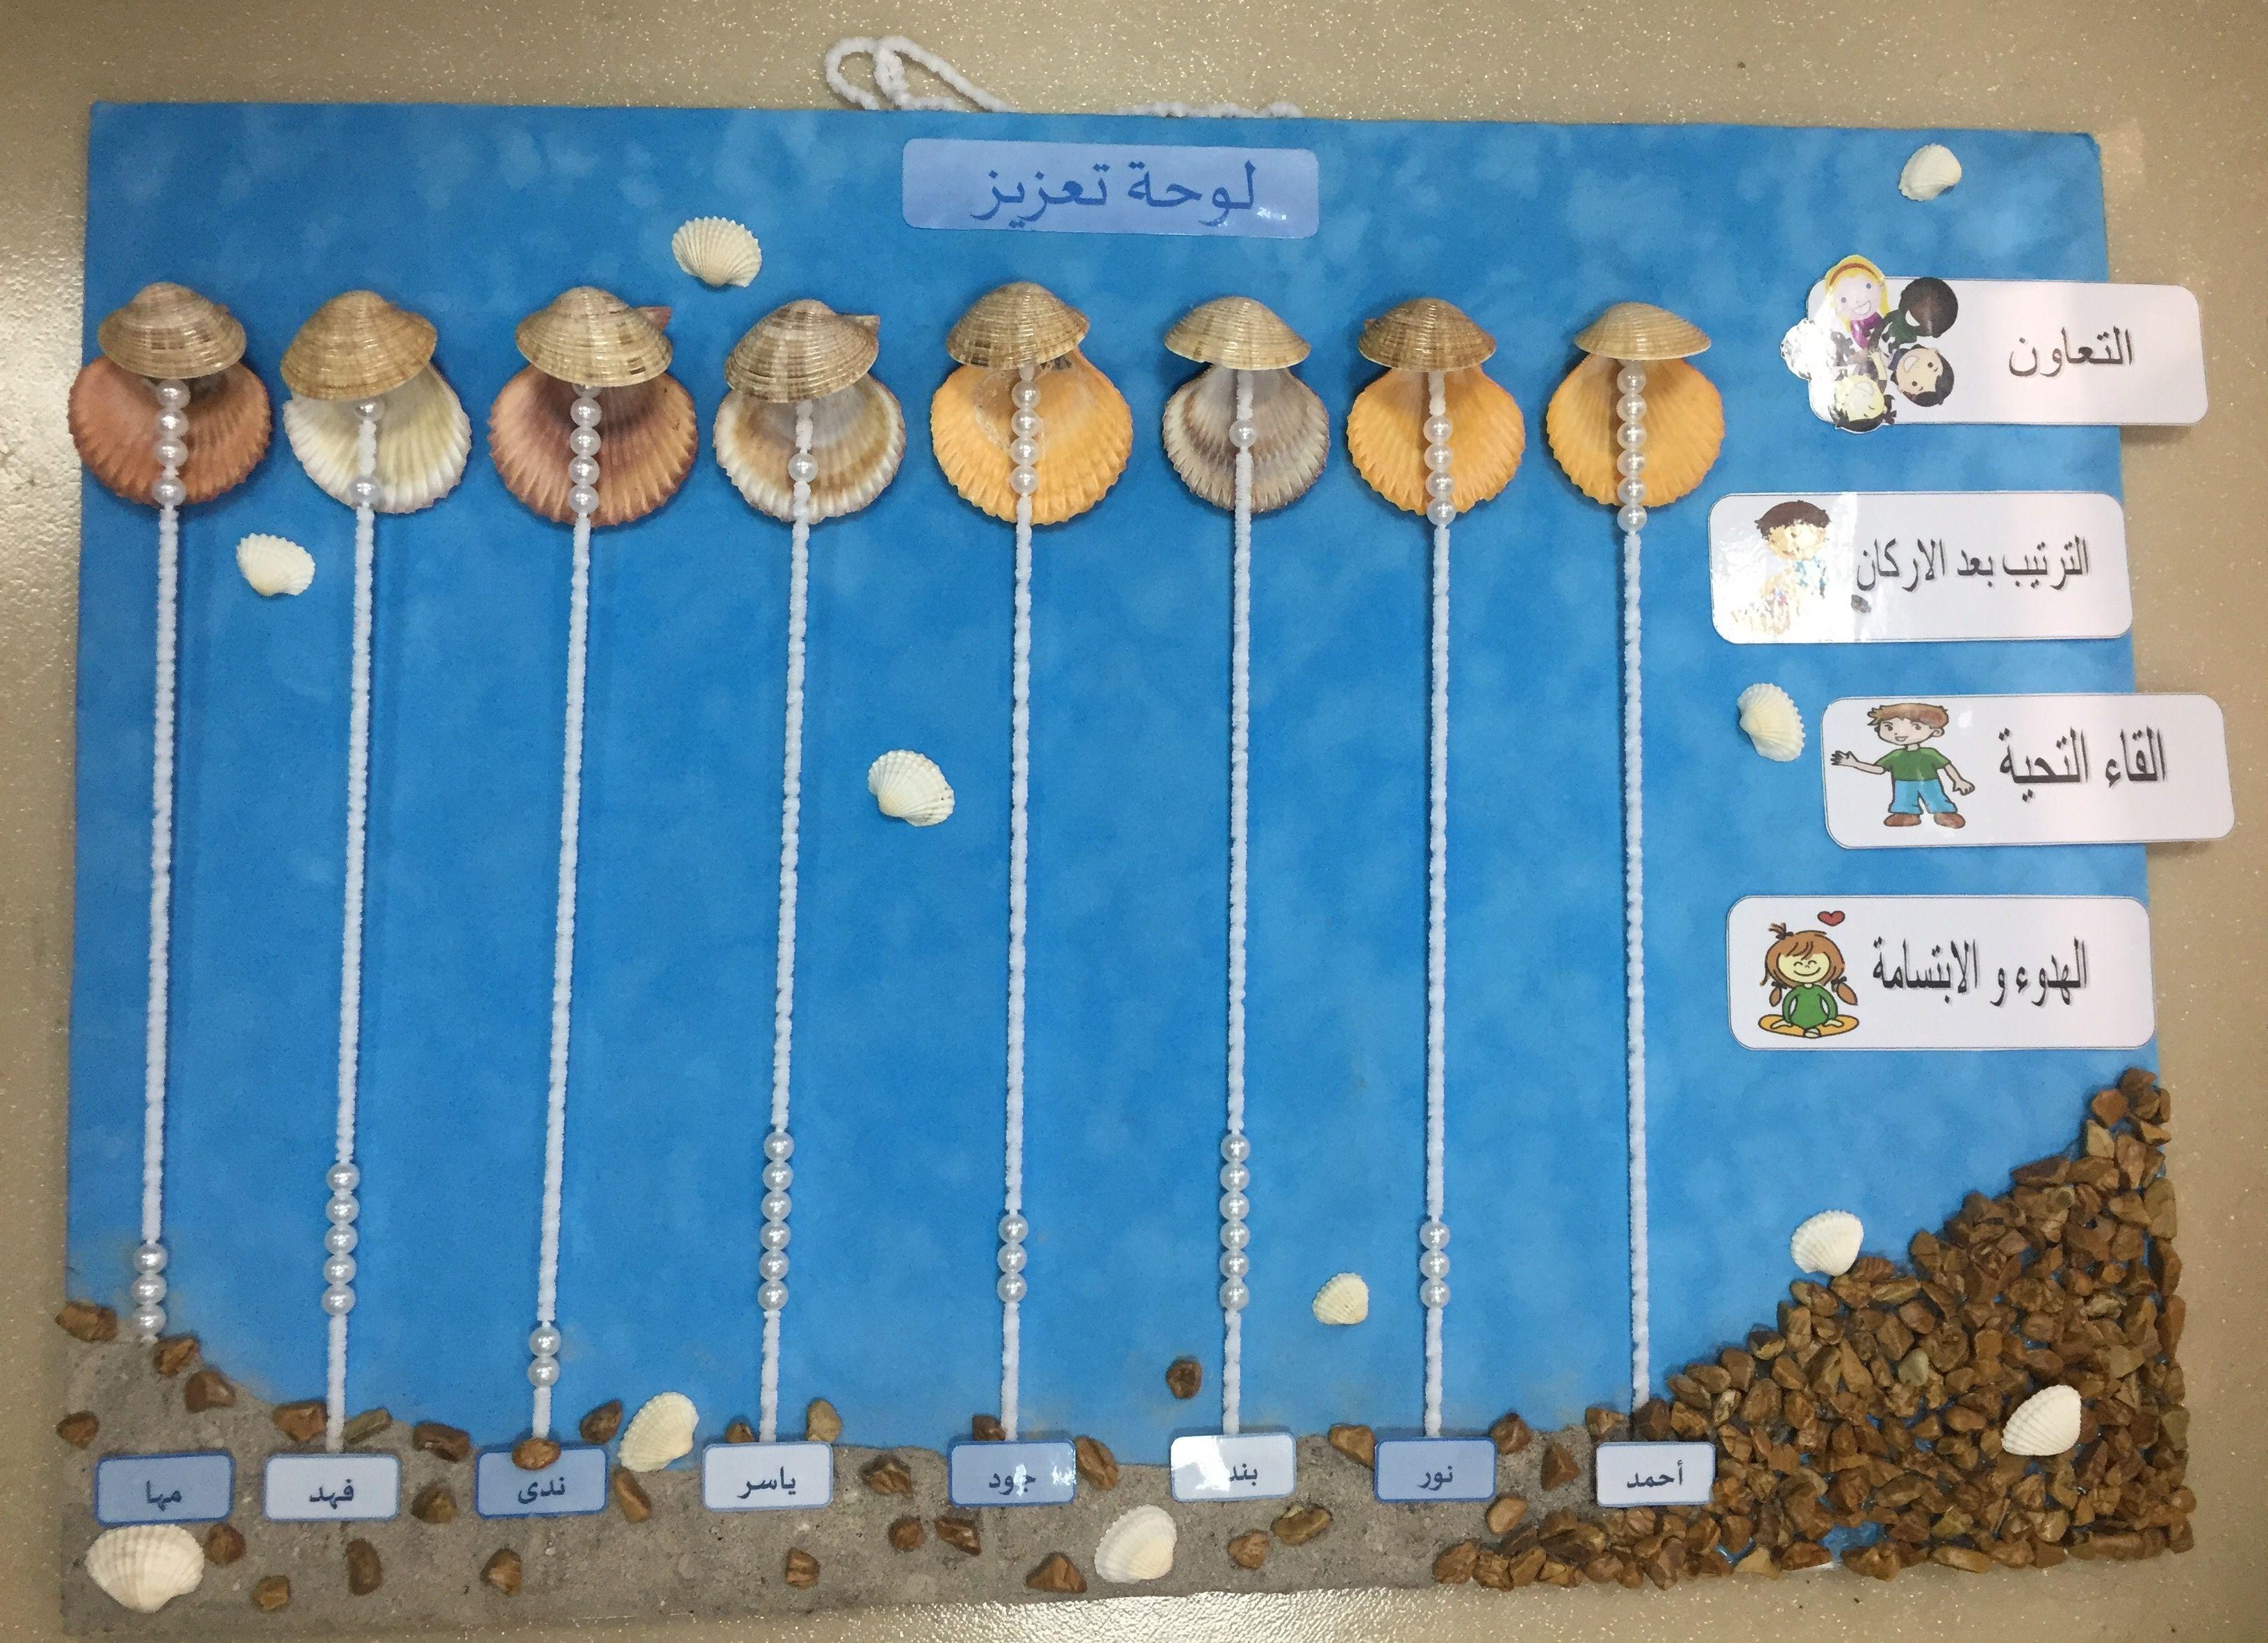 لوحة تعزيز حيث يصعد الاطفال حبات اللؤلؤة للصدف حسب فعلهم للقوانين Ramadan Crafts School Activities Birthday Charts